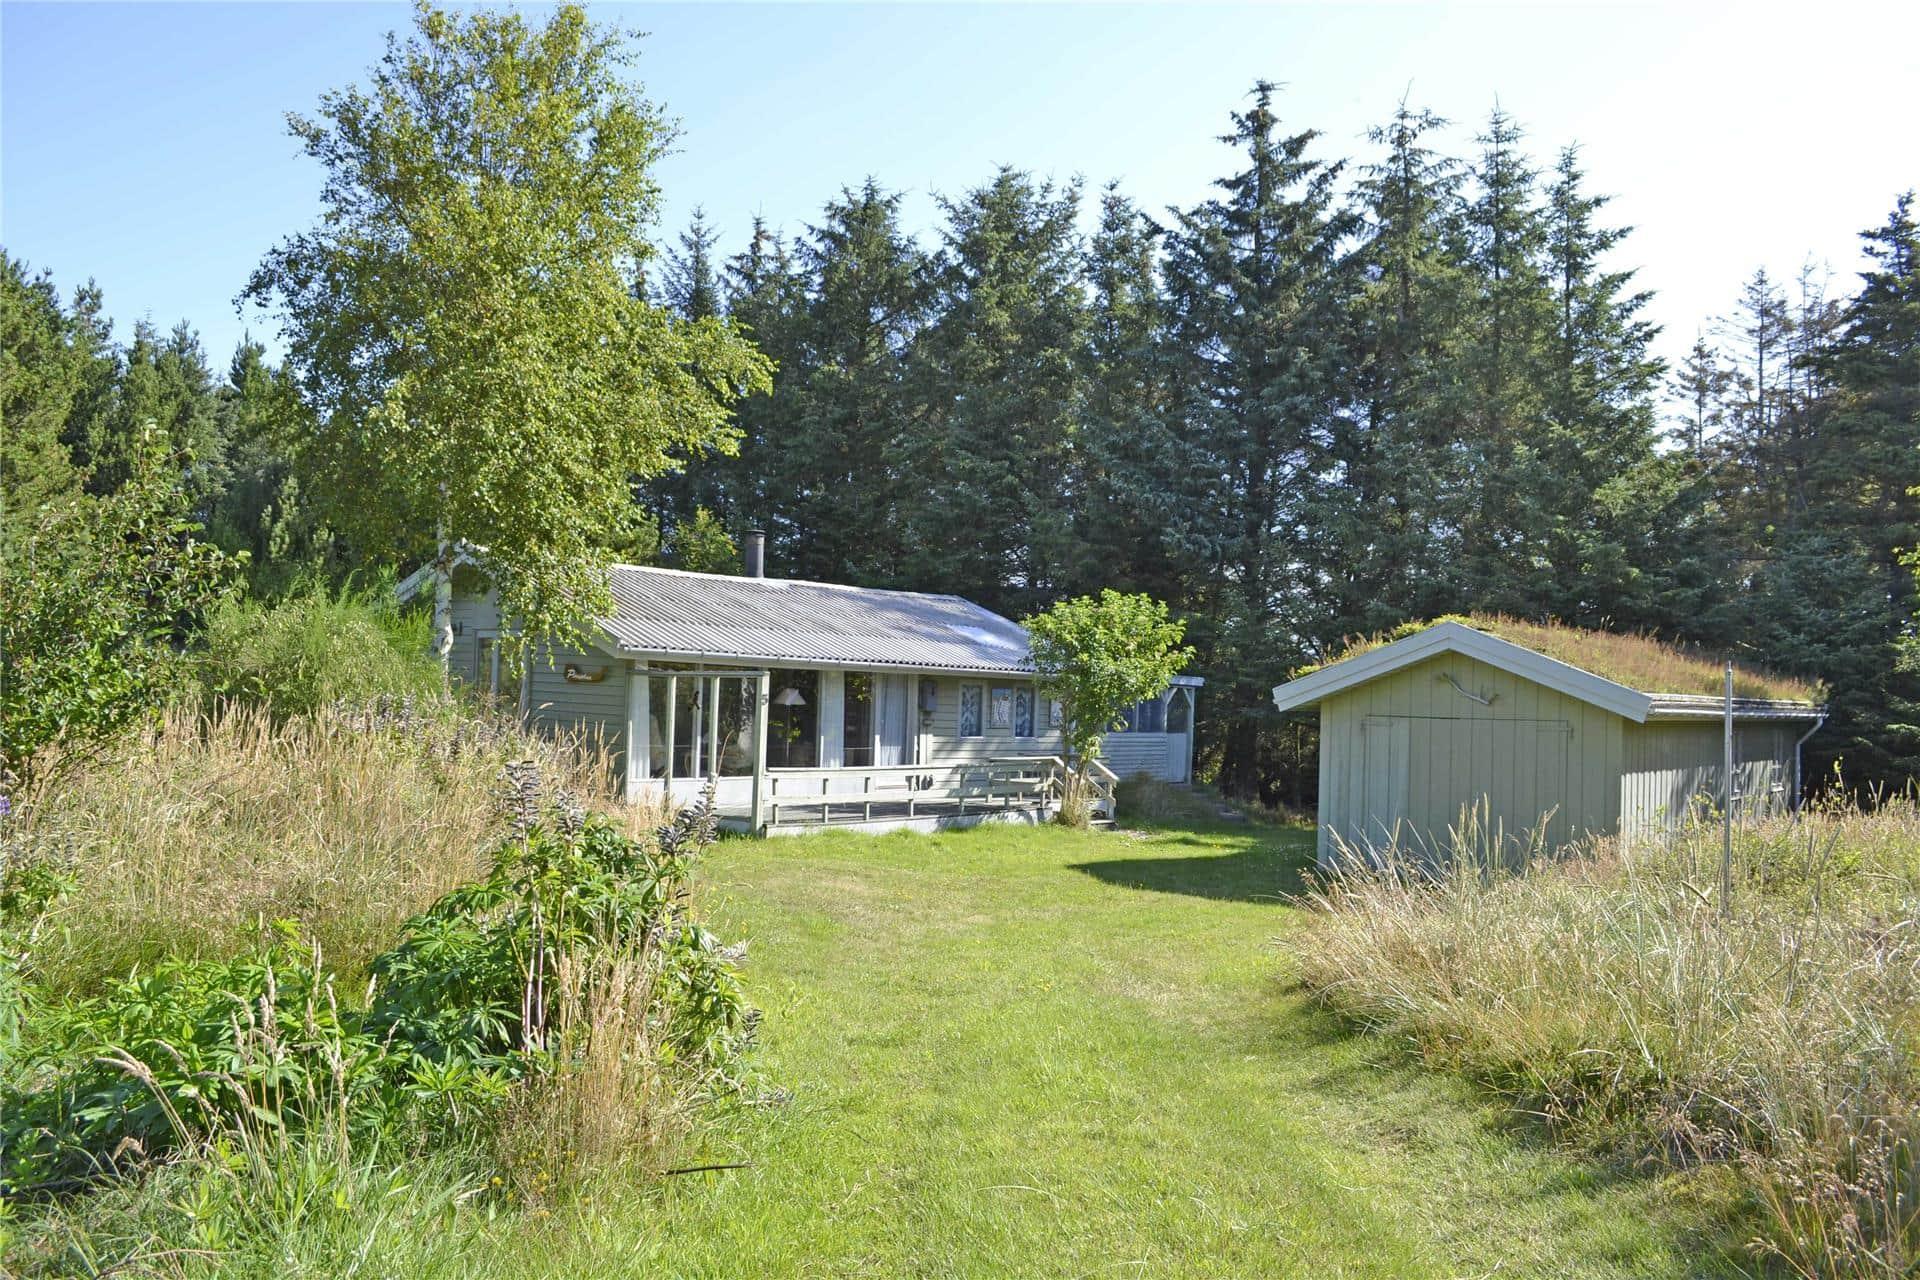 Billede 1-14 Sommerhus 1252, Lyngbakkevej 5, DK - 9492 Blokhus